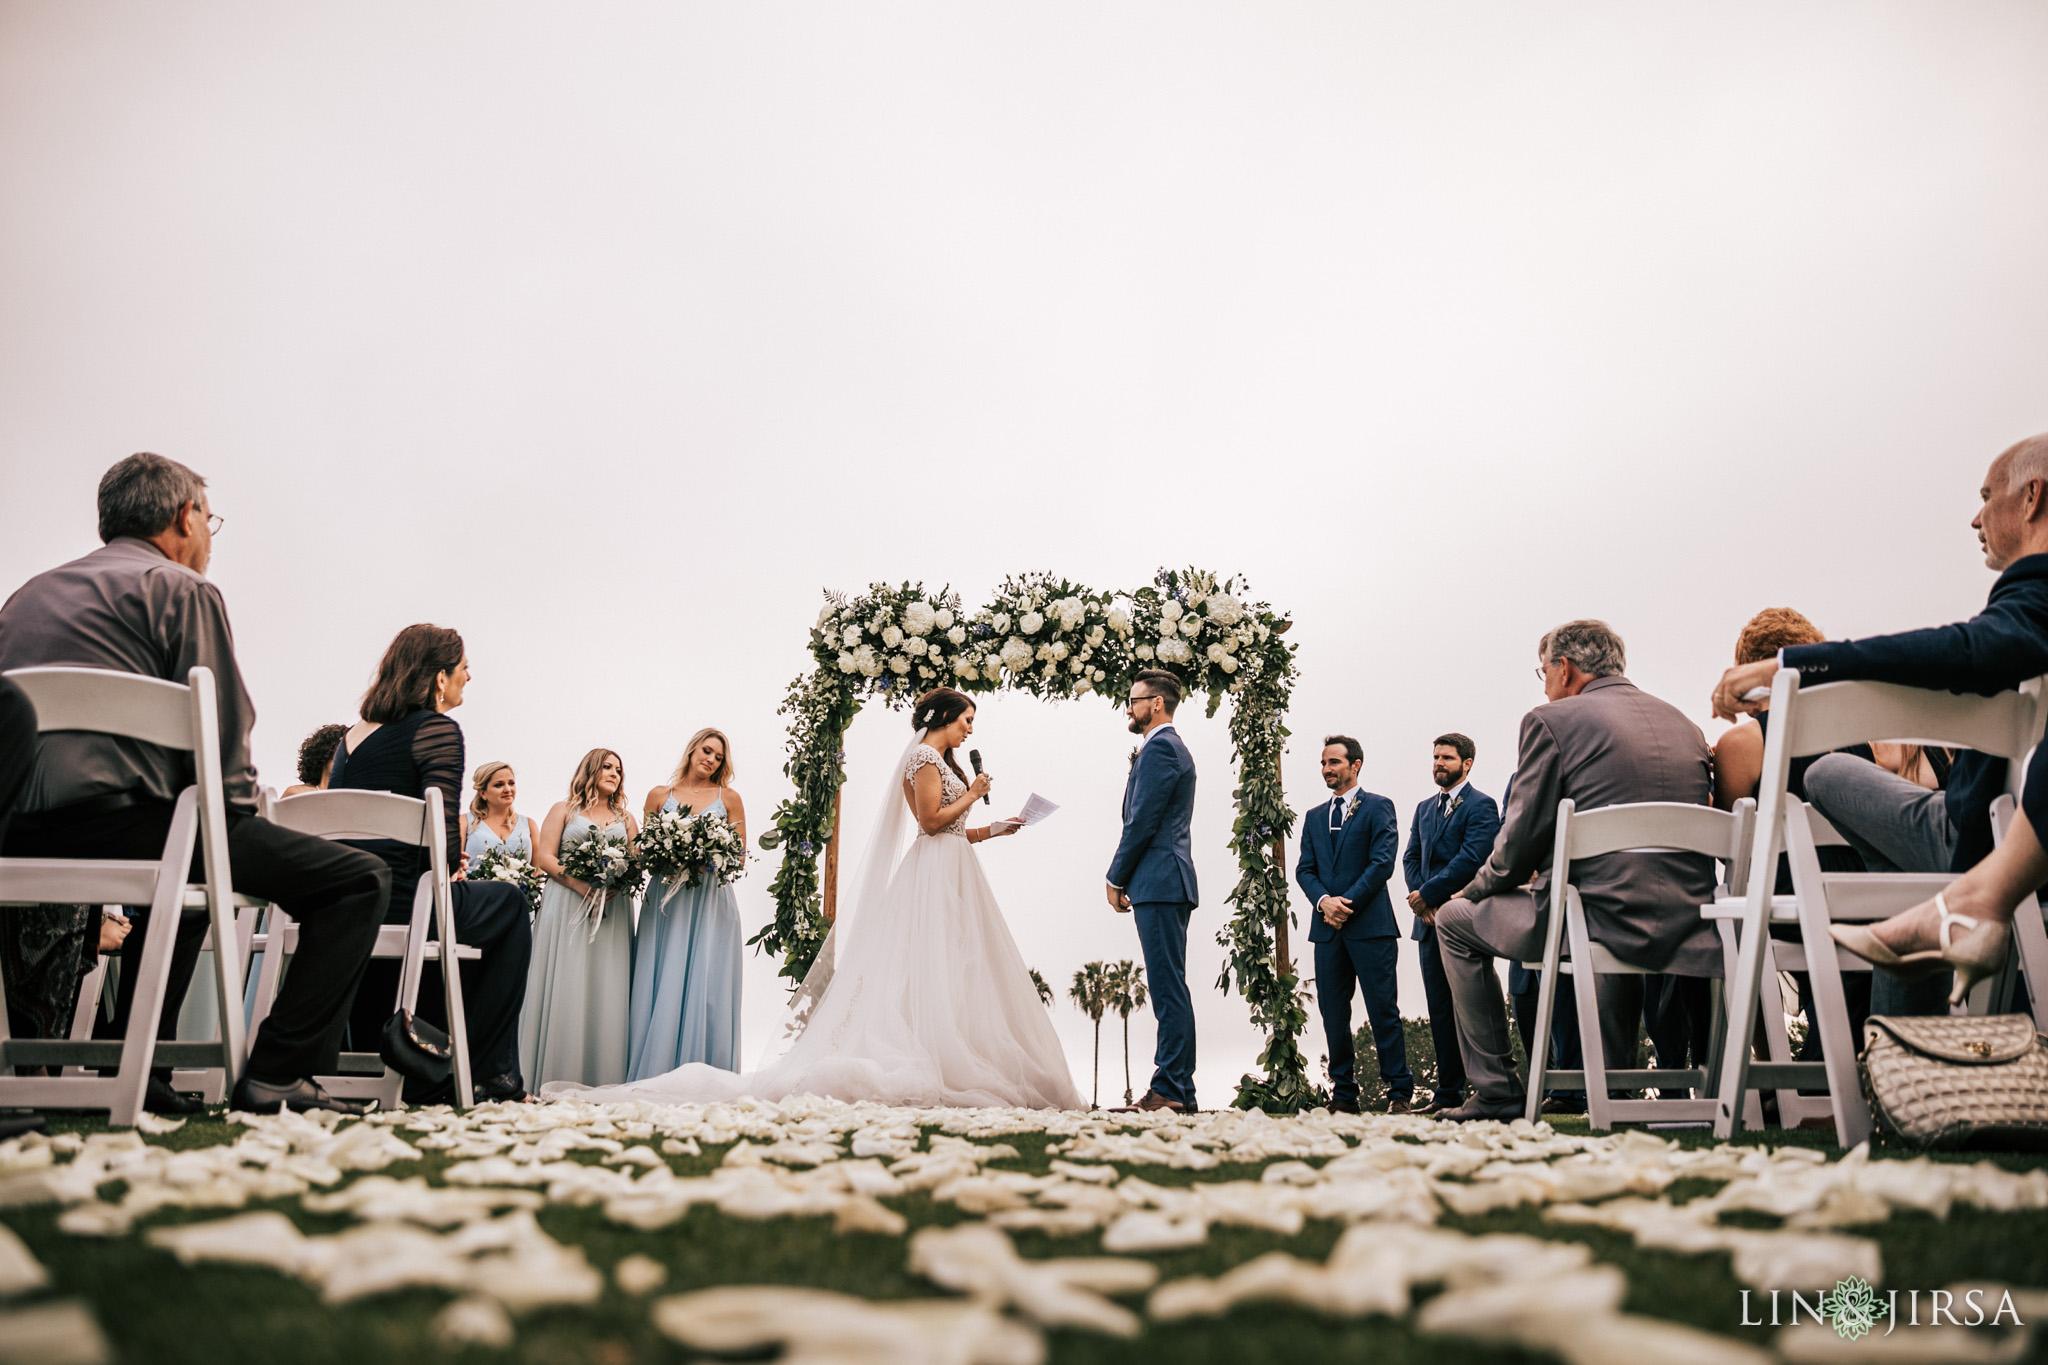 028 los verdes golf course wedding ceremony photography